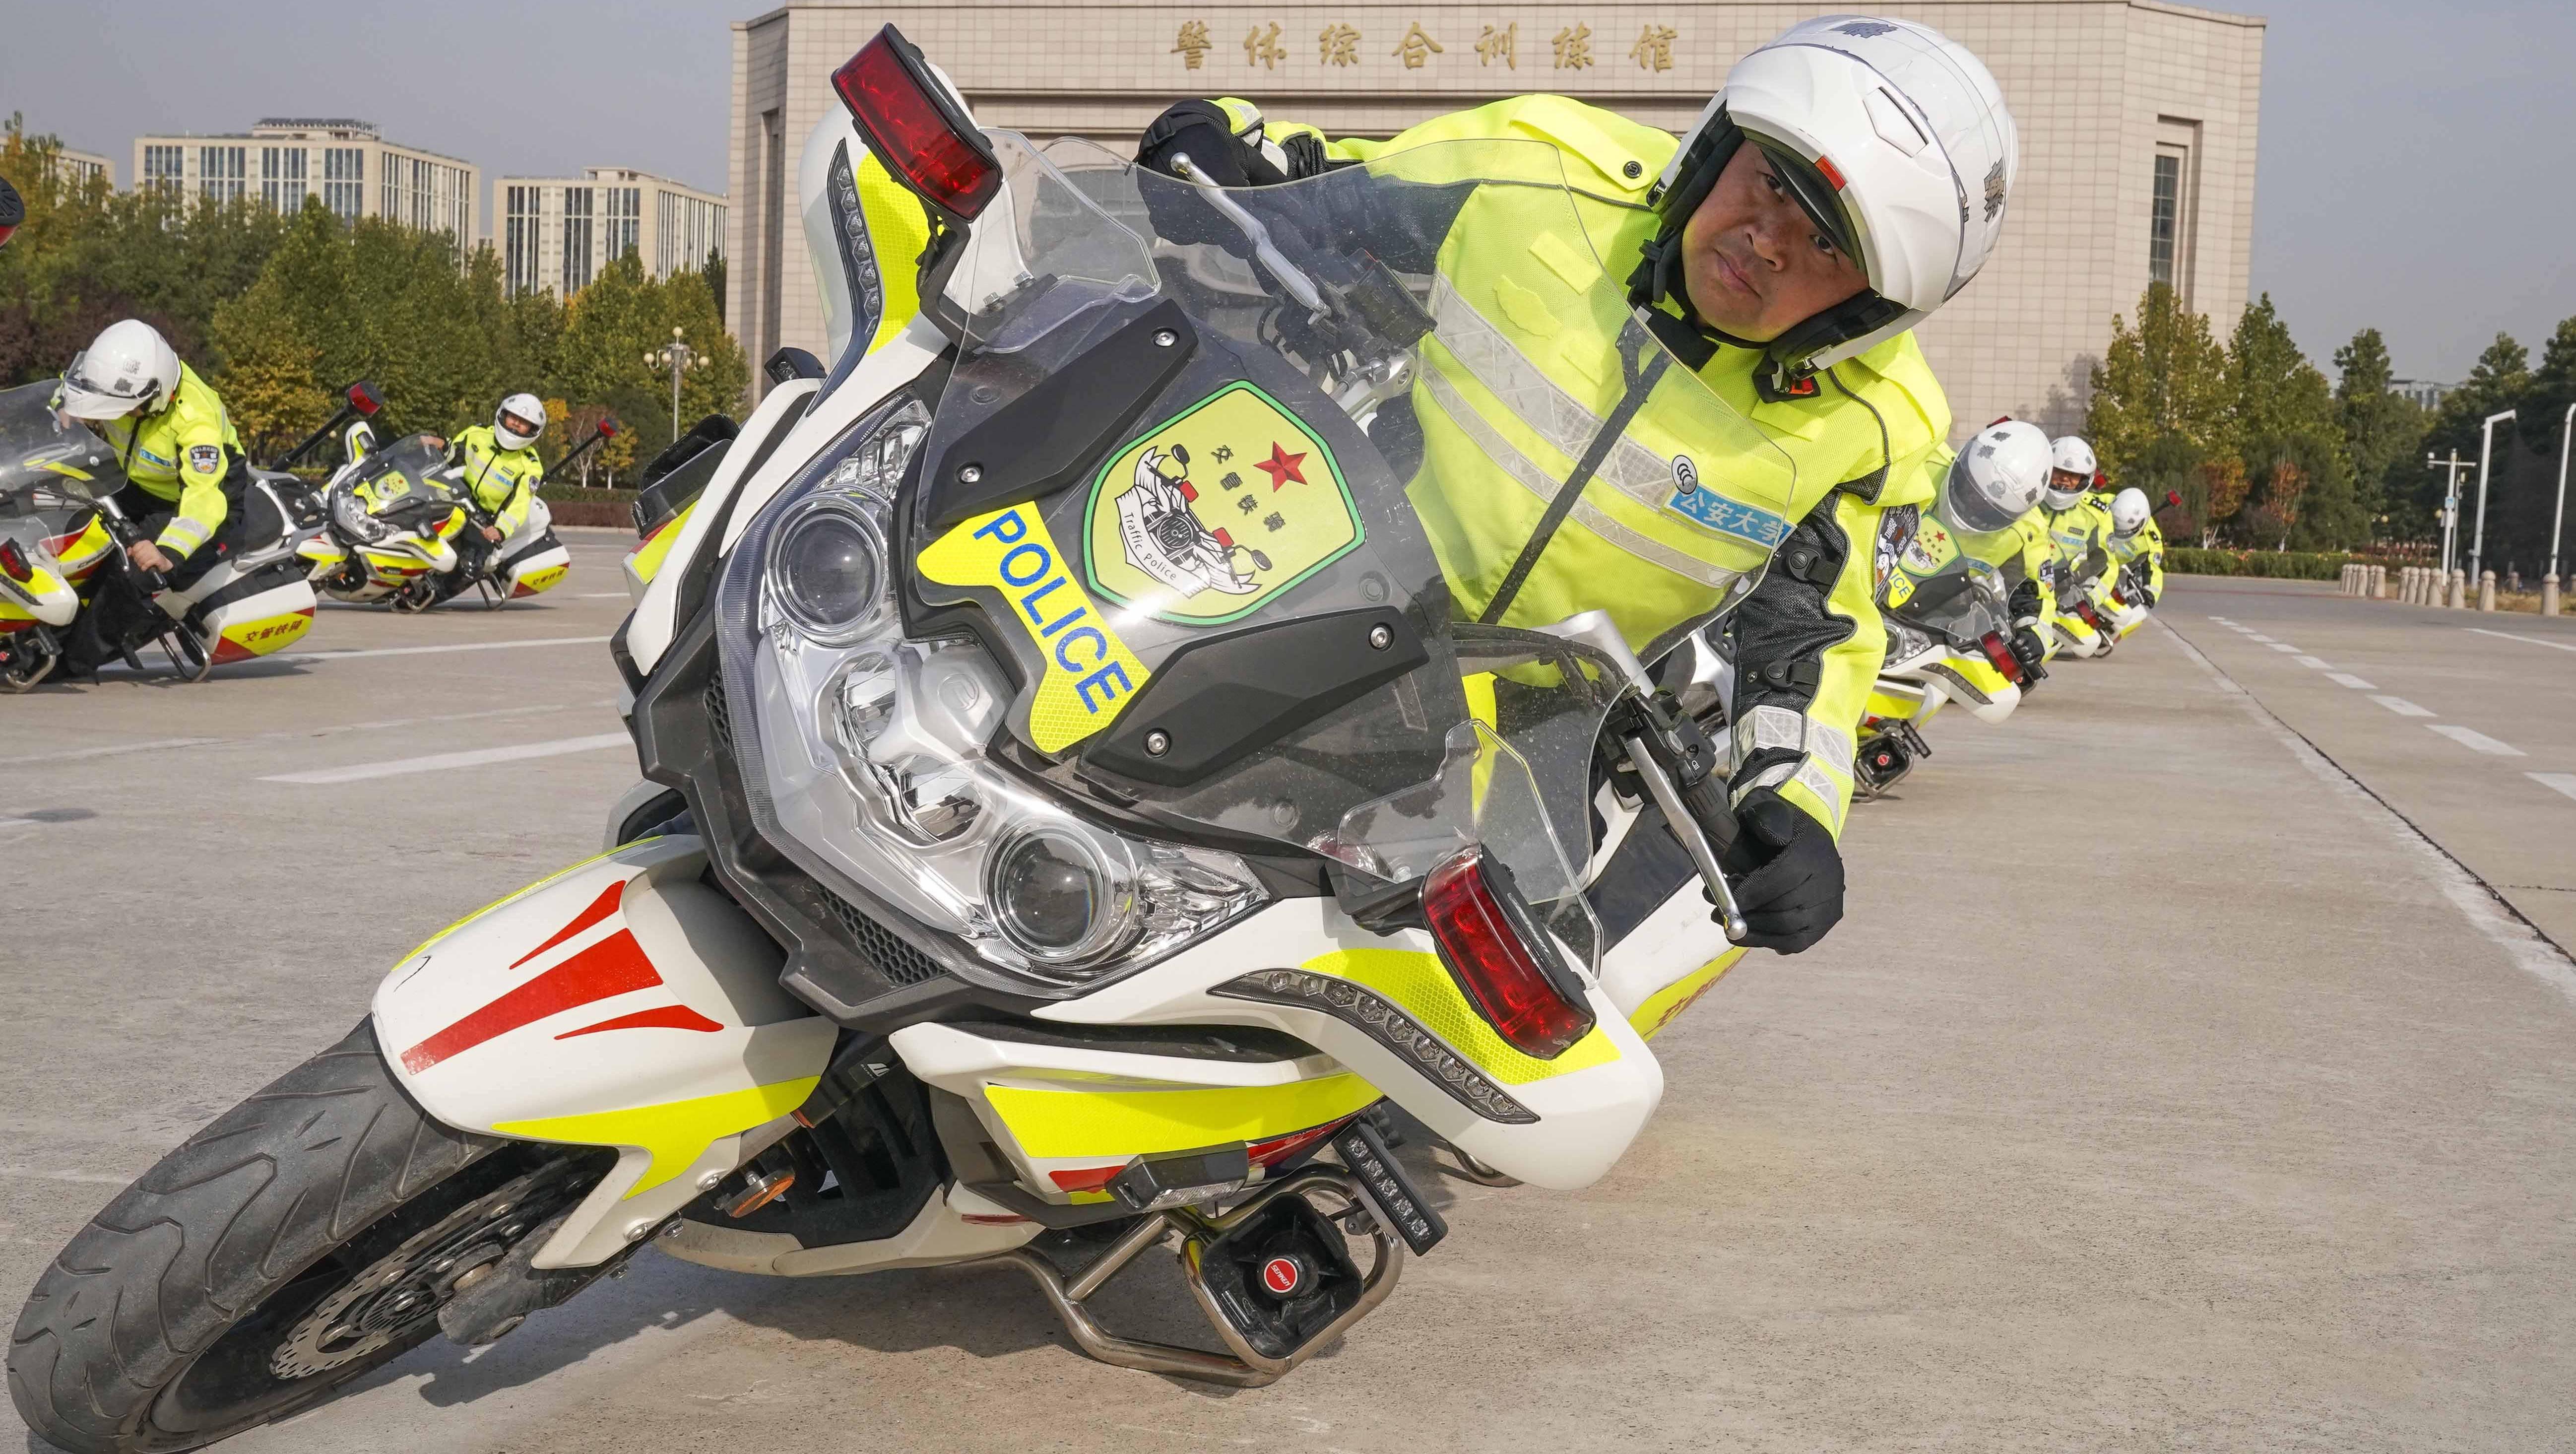 首都交警铁骑开展特驾培训